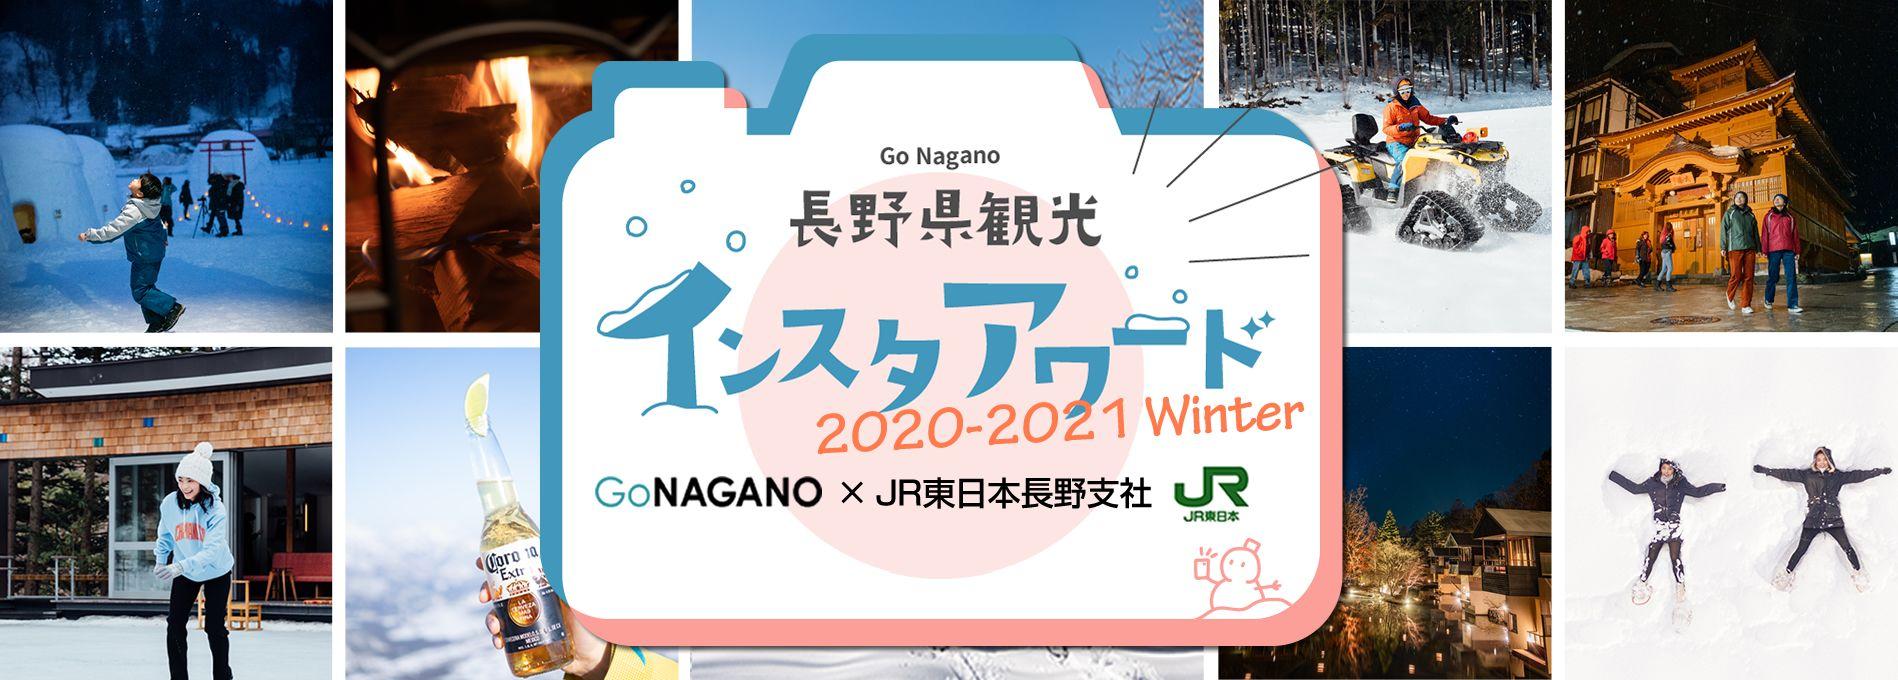 長野県観光インスタ